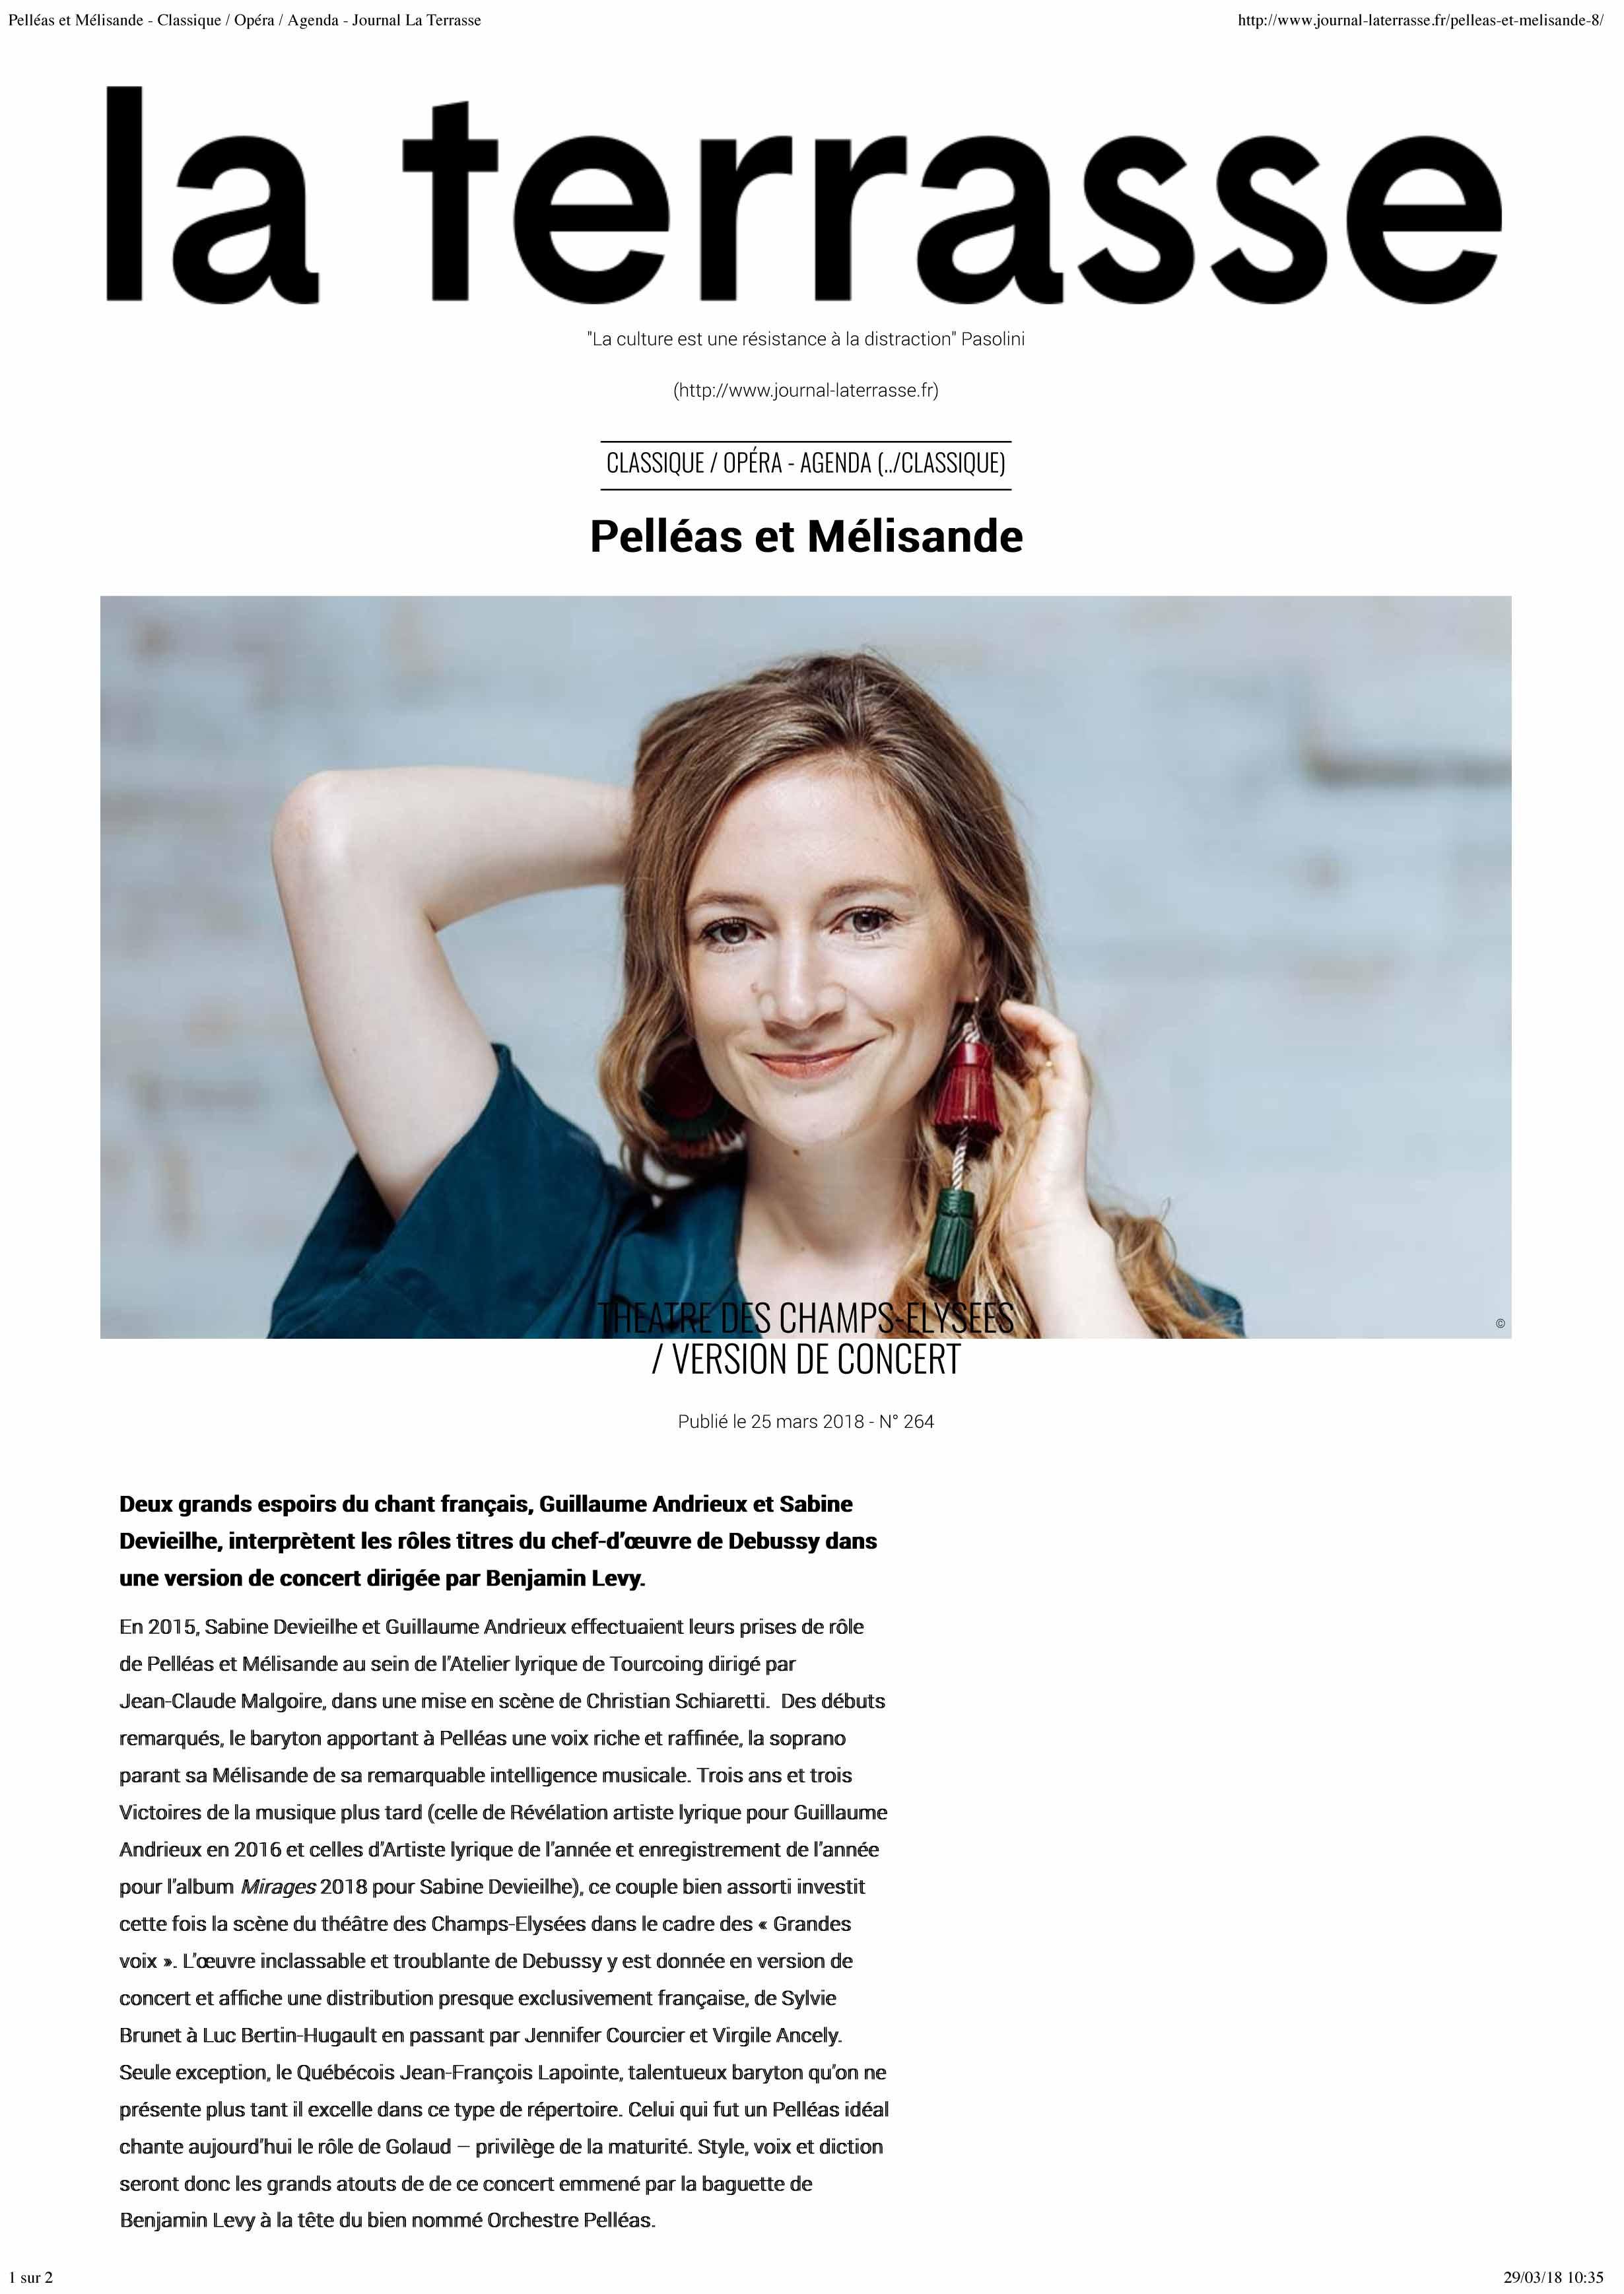 Annonce de la version de concert de Pelléas et Mélisande dans le numéro d'avril 2018 de La Terrasse